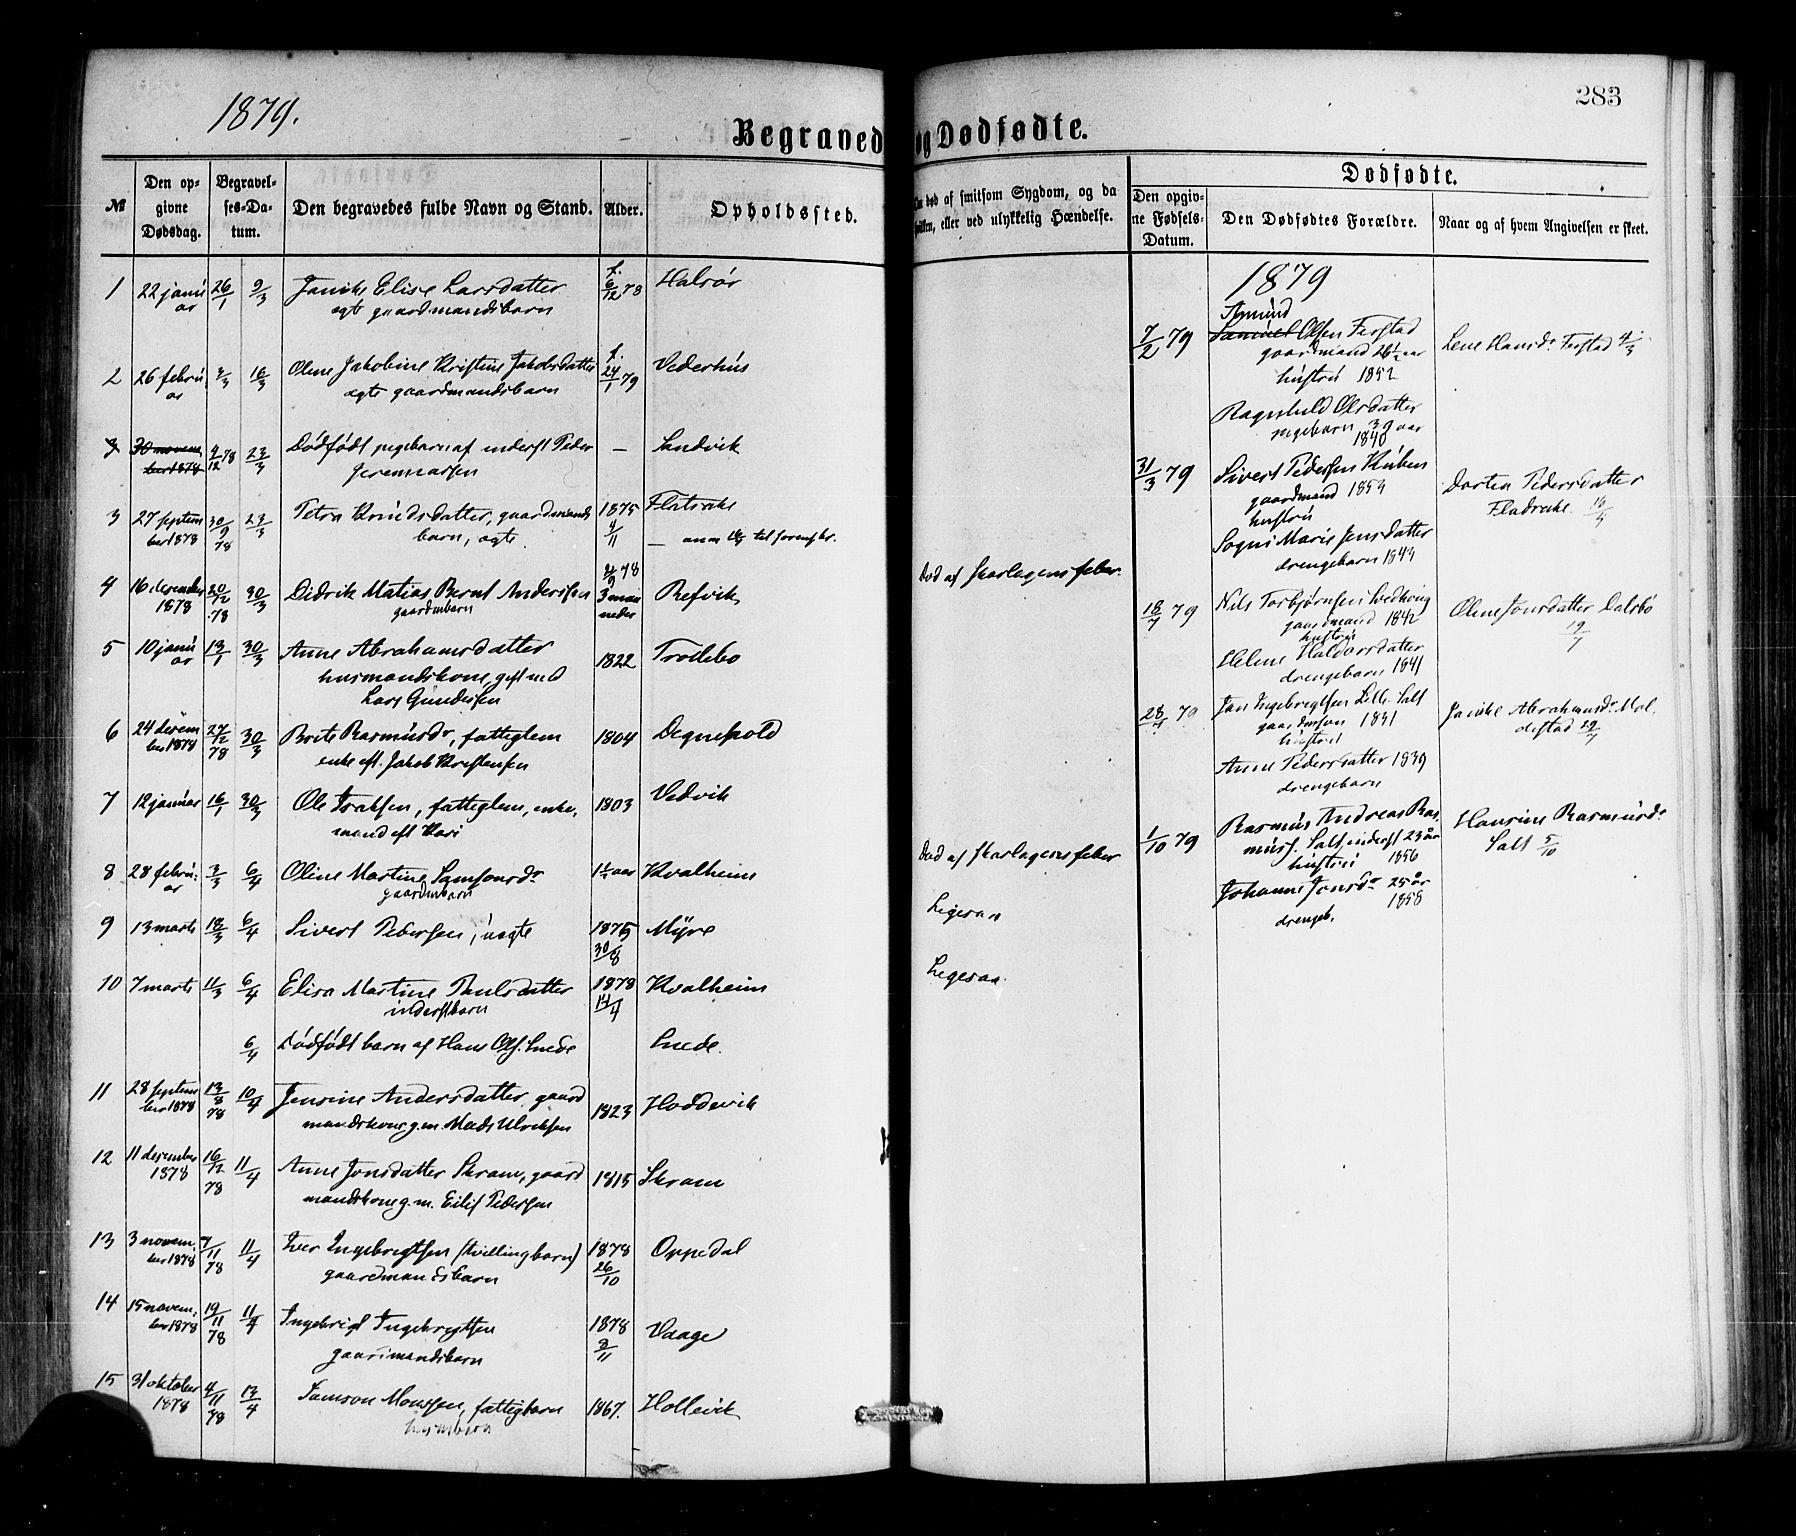 SAB, Selje sokneprestembete*, Ministerialbok nr. A 12, 1870-1880, s. 283